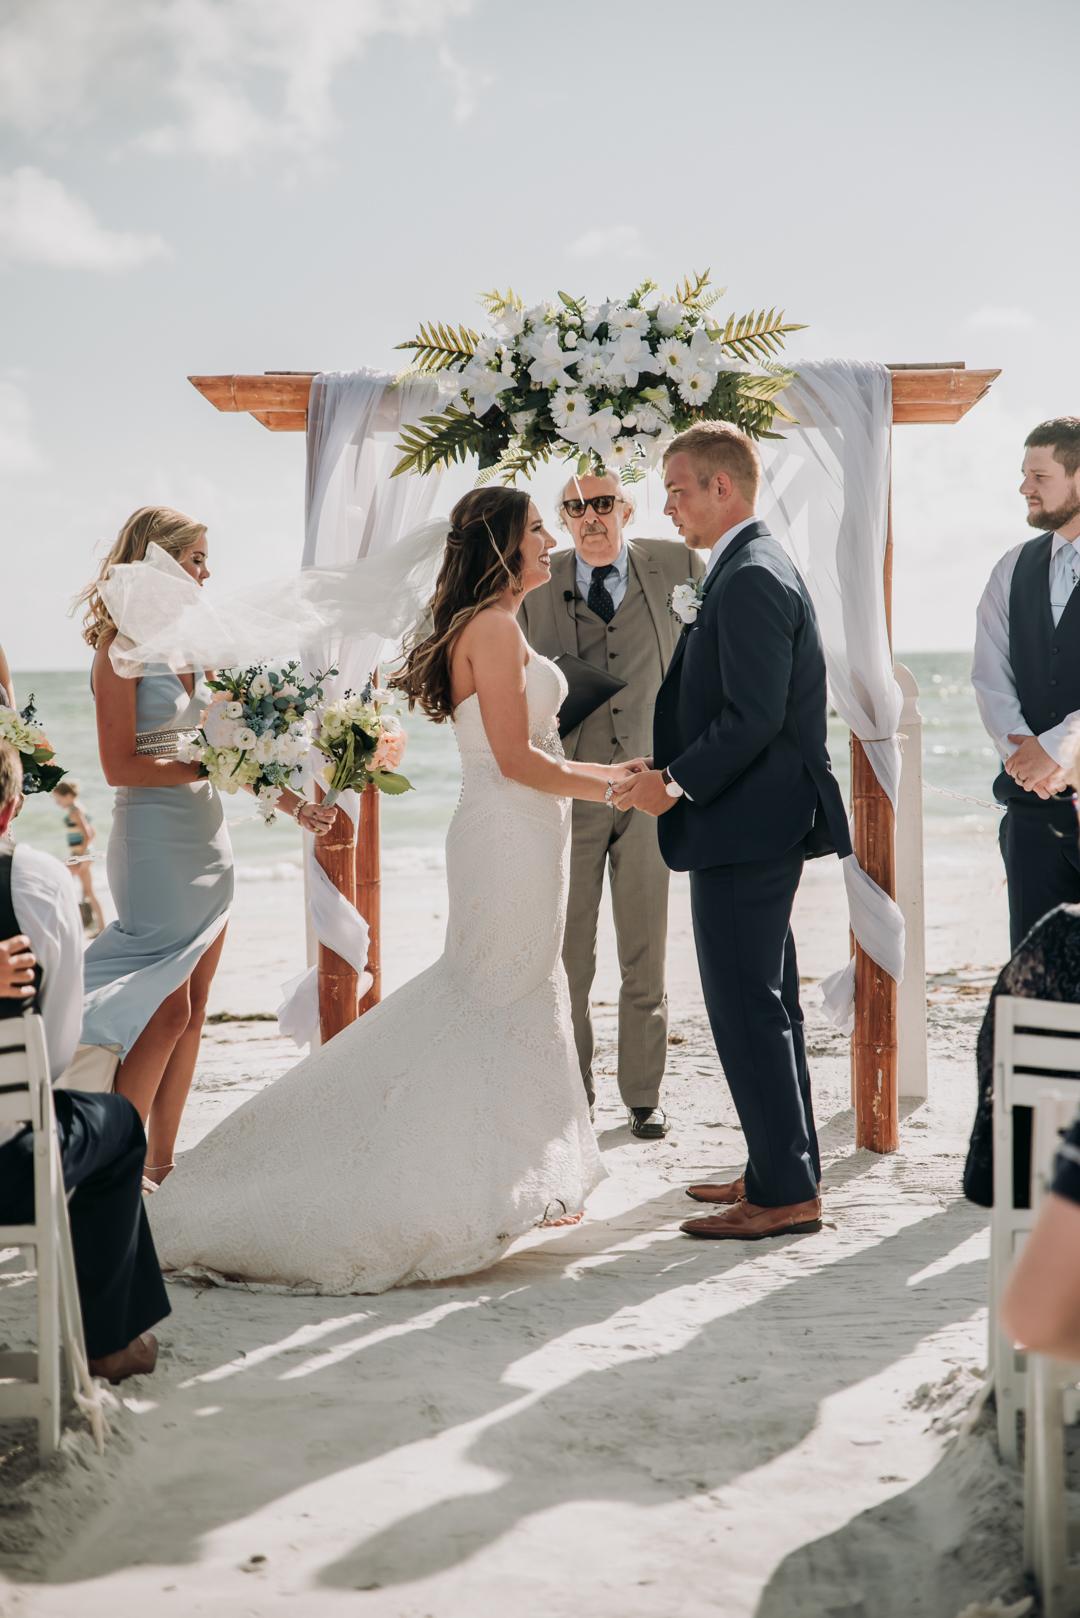 honeymoon-island-wedding-anastasia-noel-91.jpg